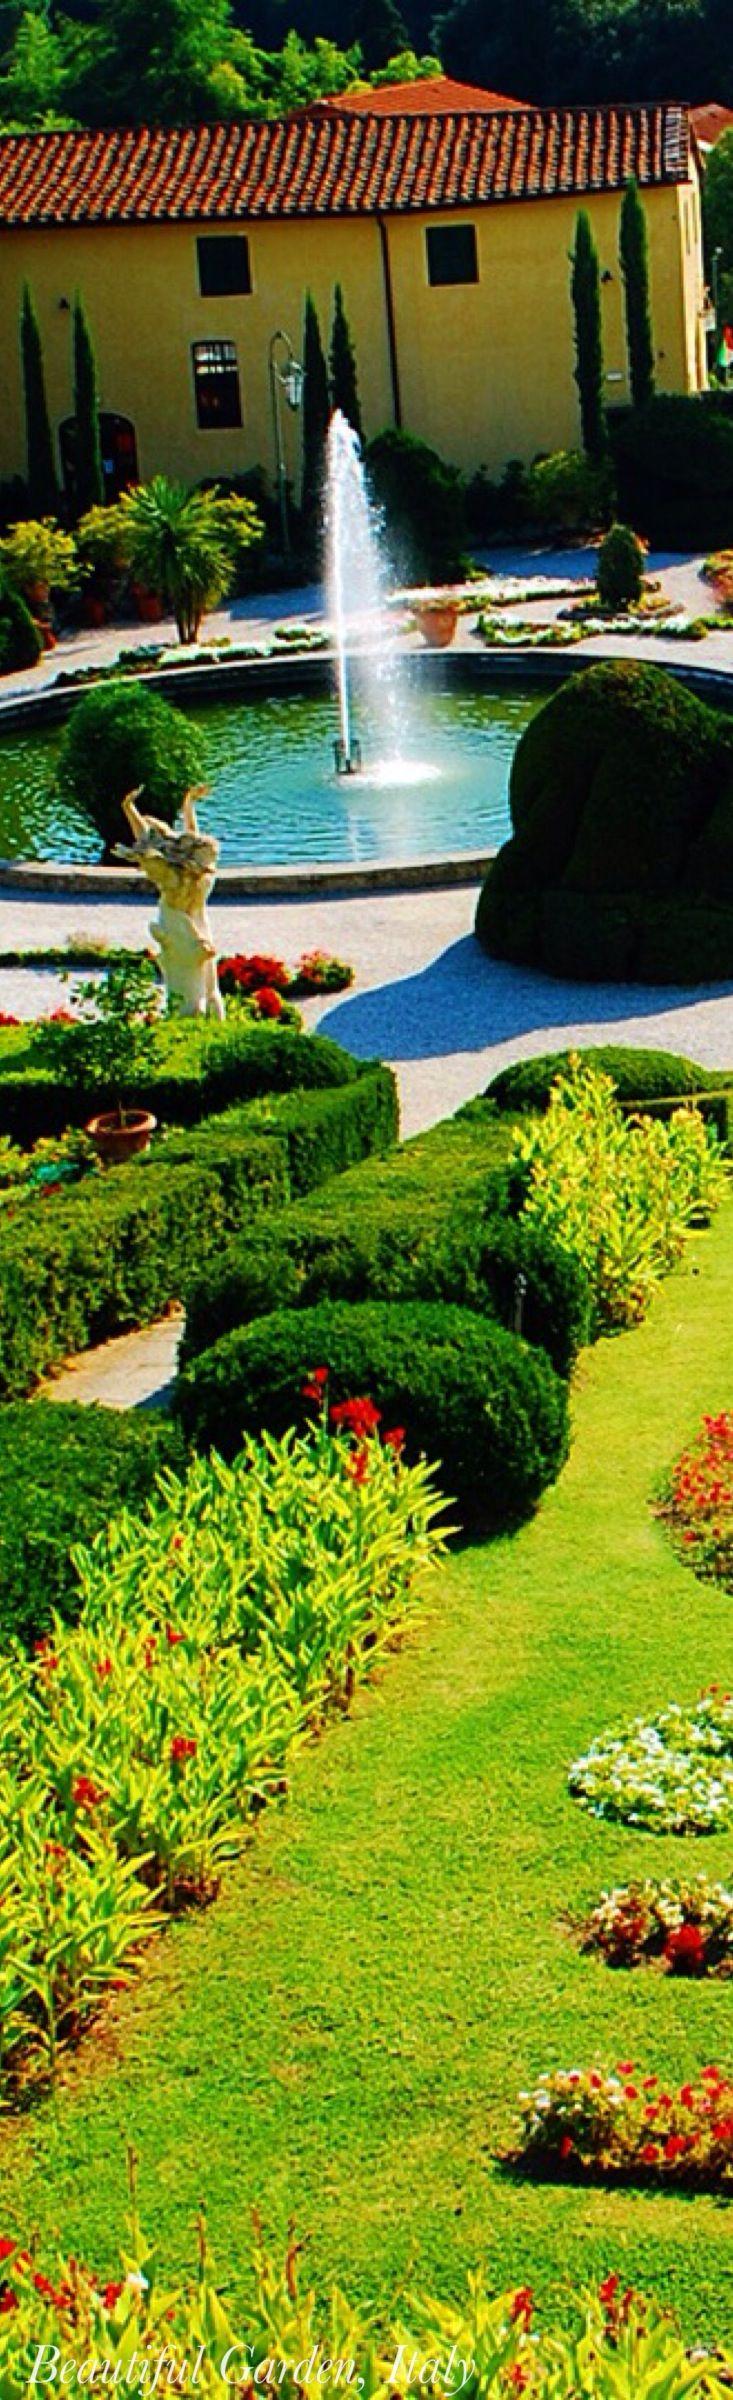 best mediterranean influence images on pinterest gardening